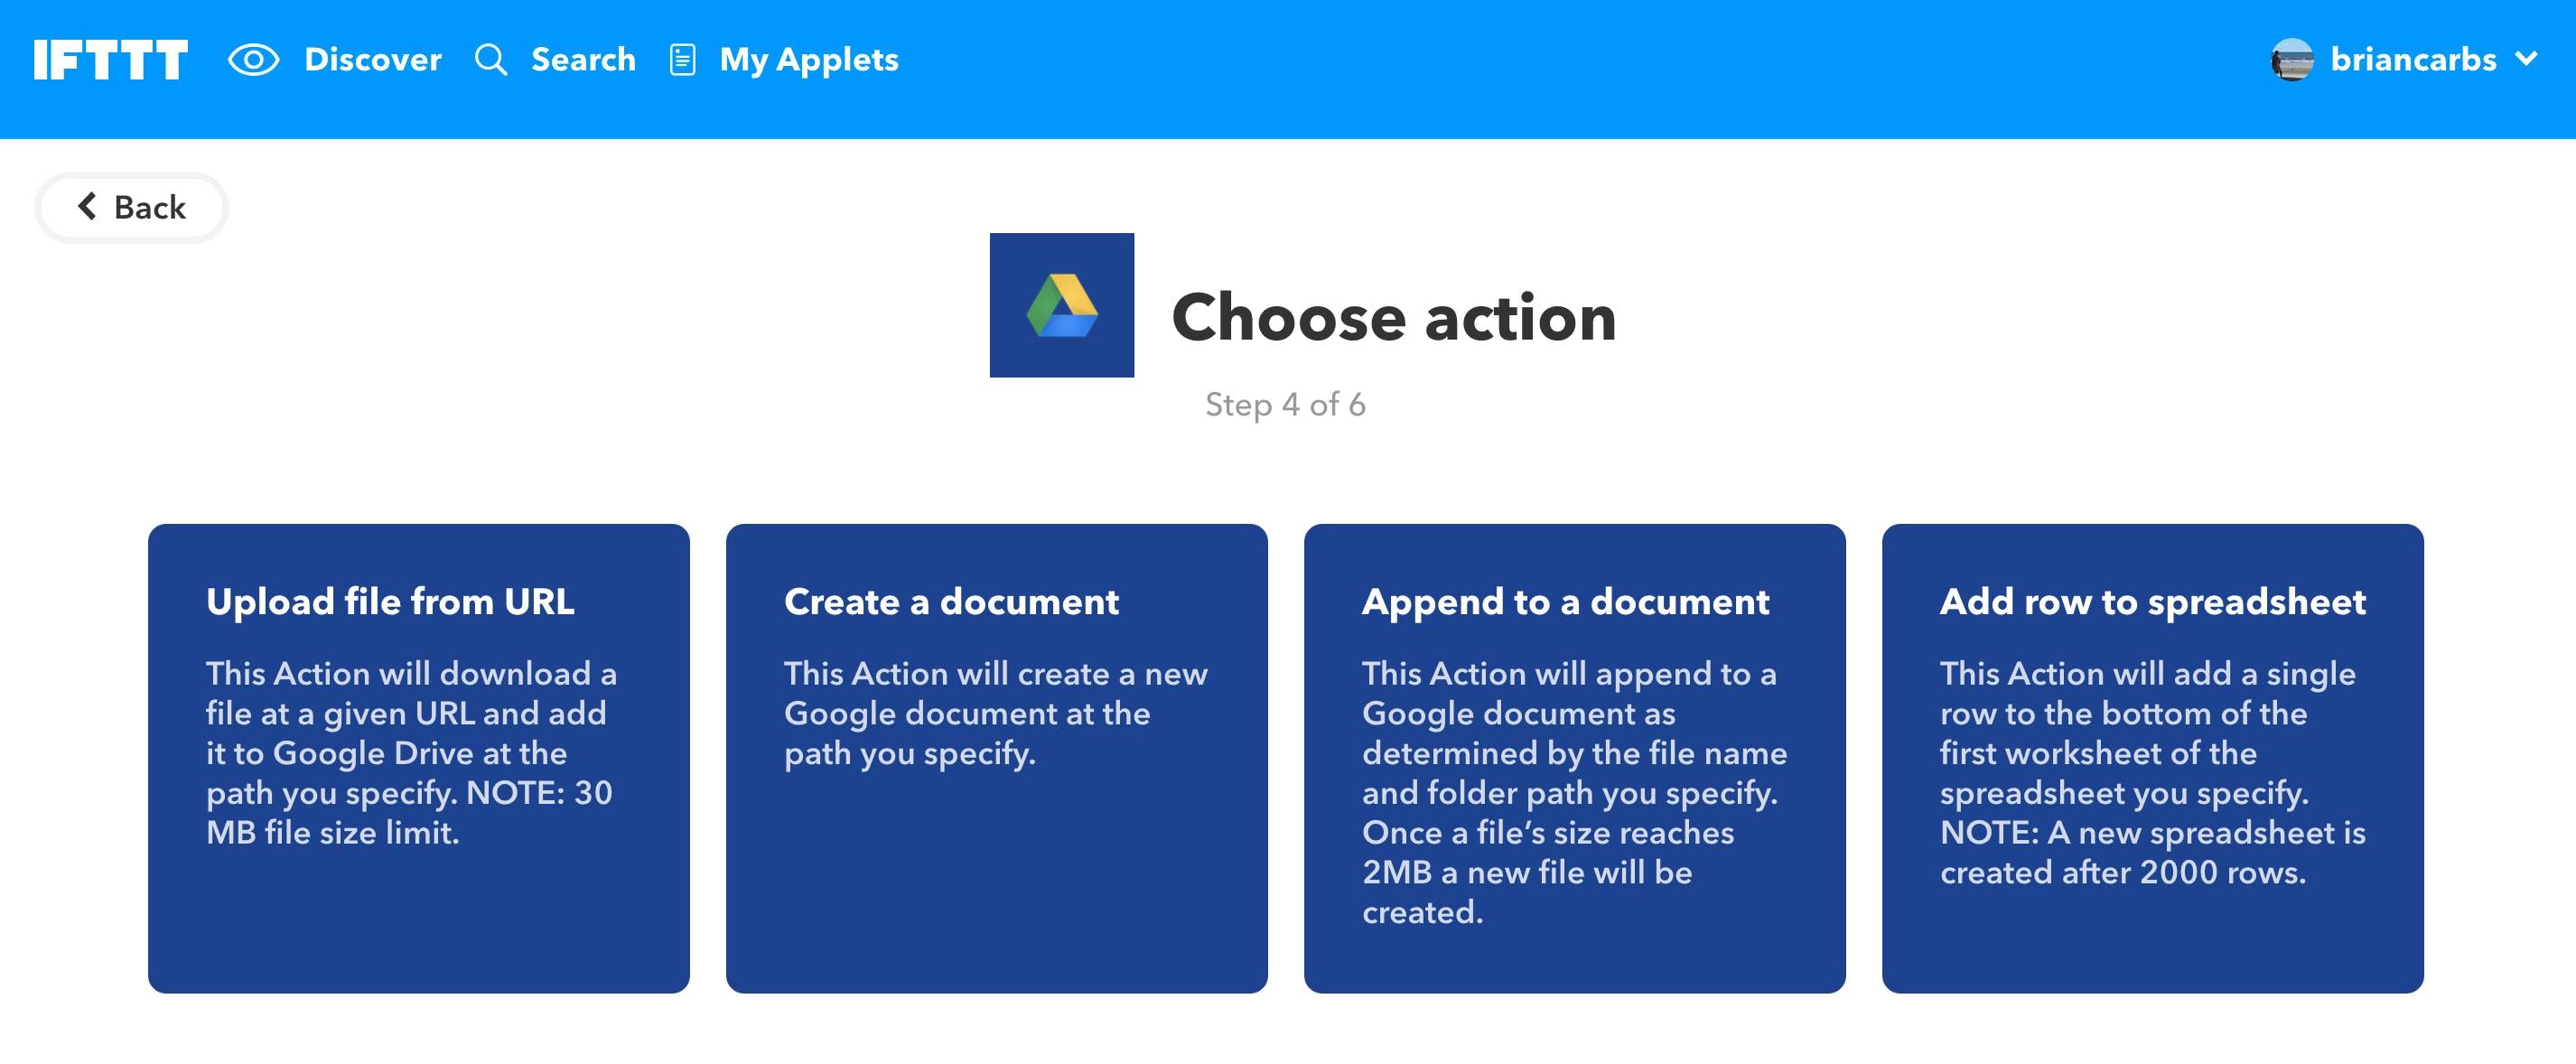 Google Drive IFTTT Applets